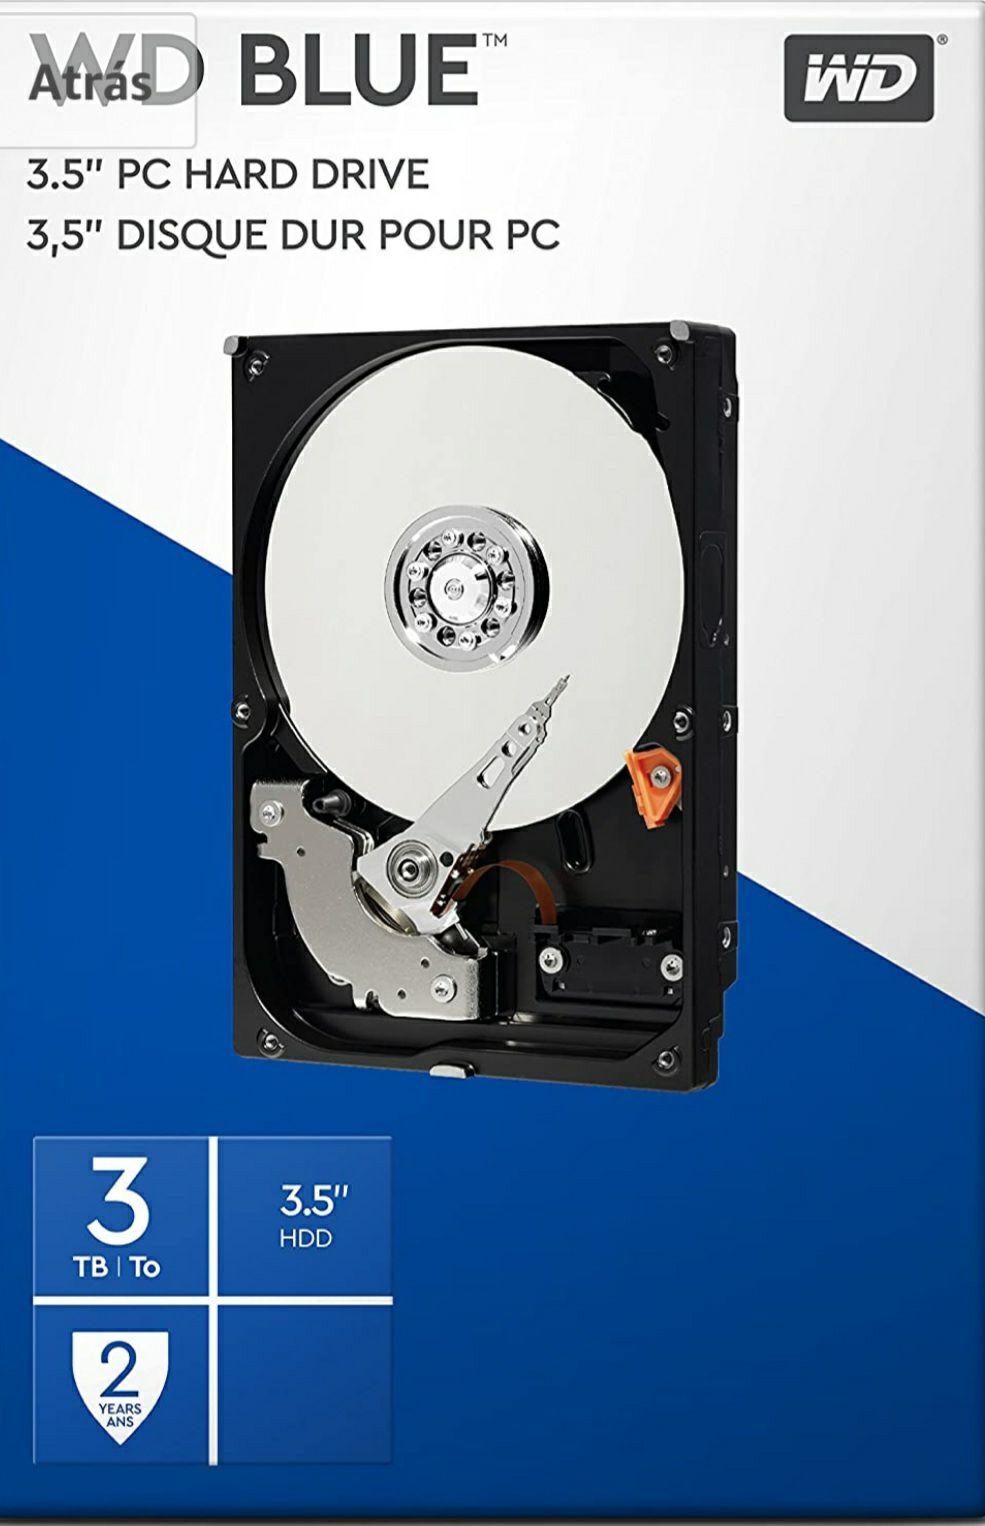 WD Blue 3TB 3.5 pulgadas Disco Duro Interno, Clase de 5400rpm, SATA 6 Gb/s, 64MB Cache